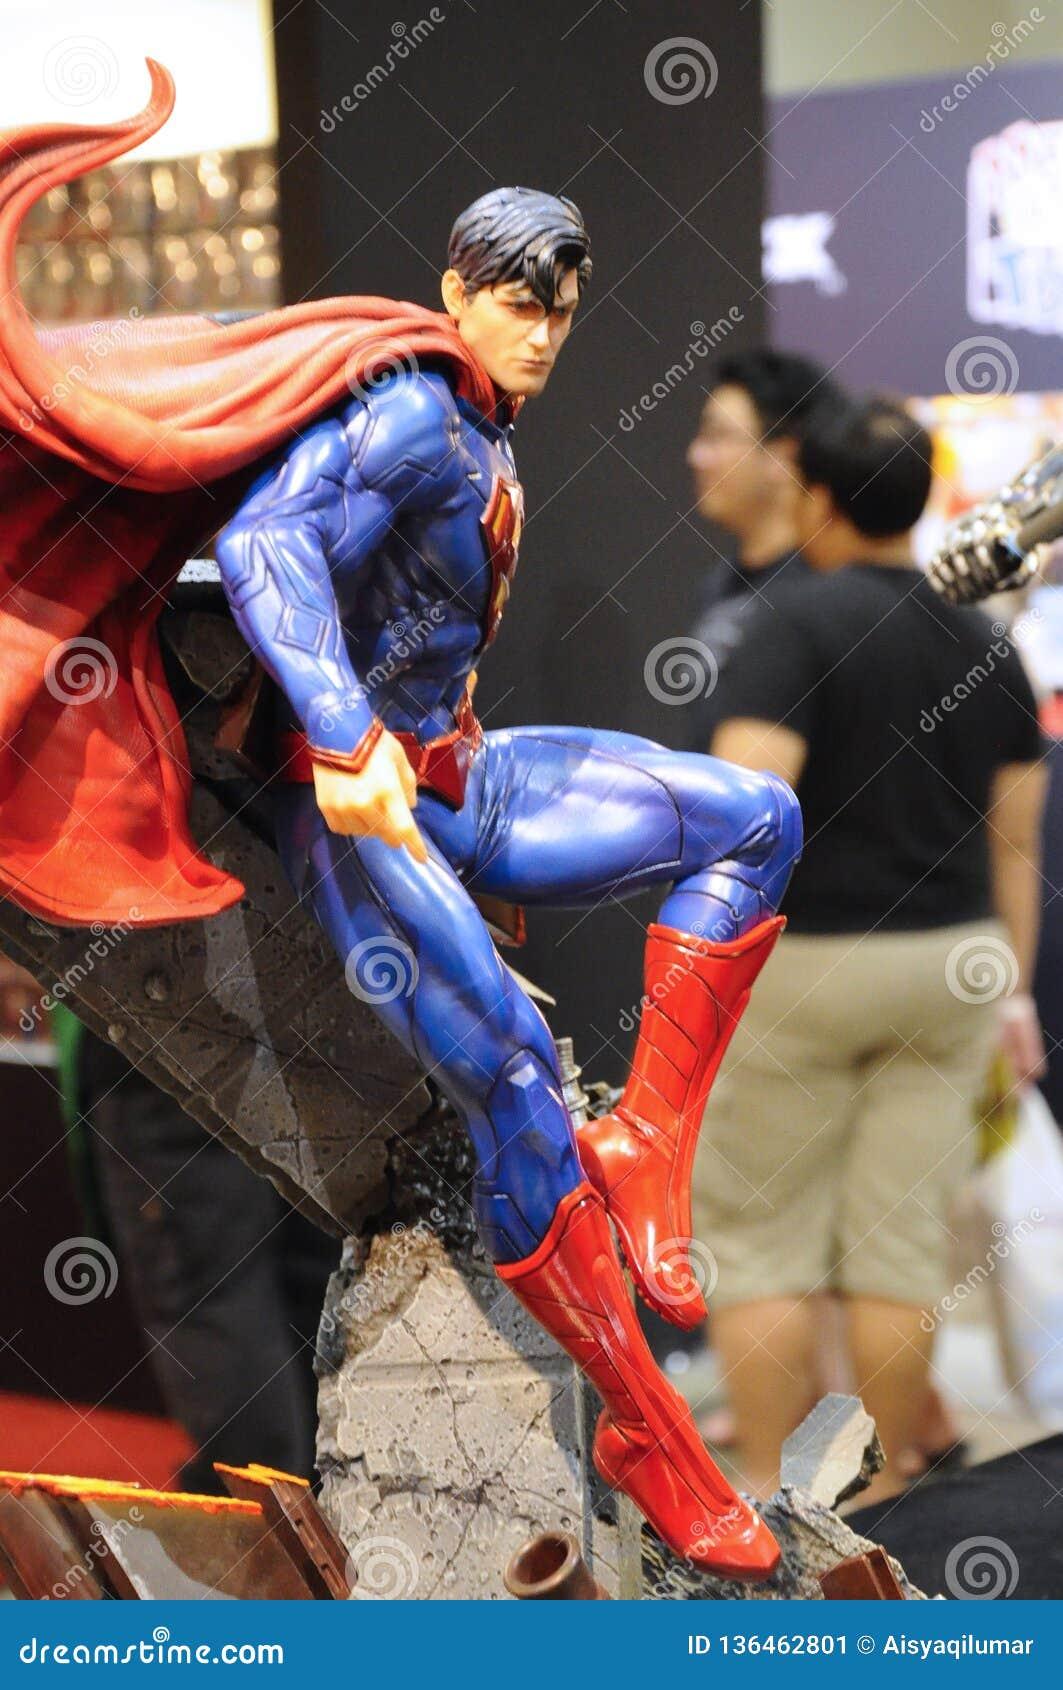 Caractère des nombres d actions de Superman des films de C.C et comique fictifs